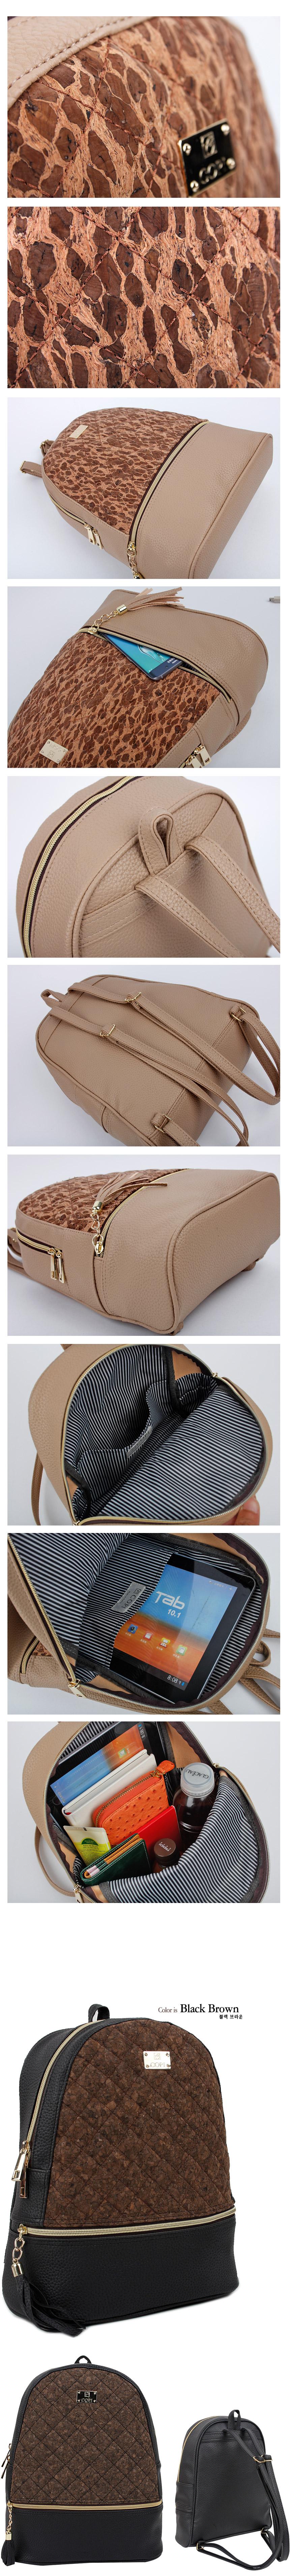 여성백백,backpack